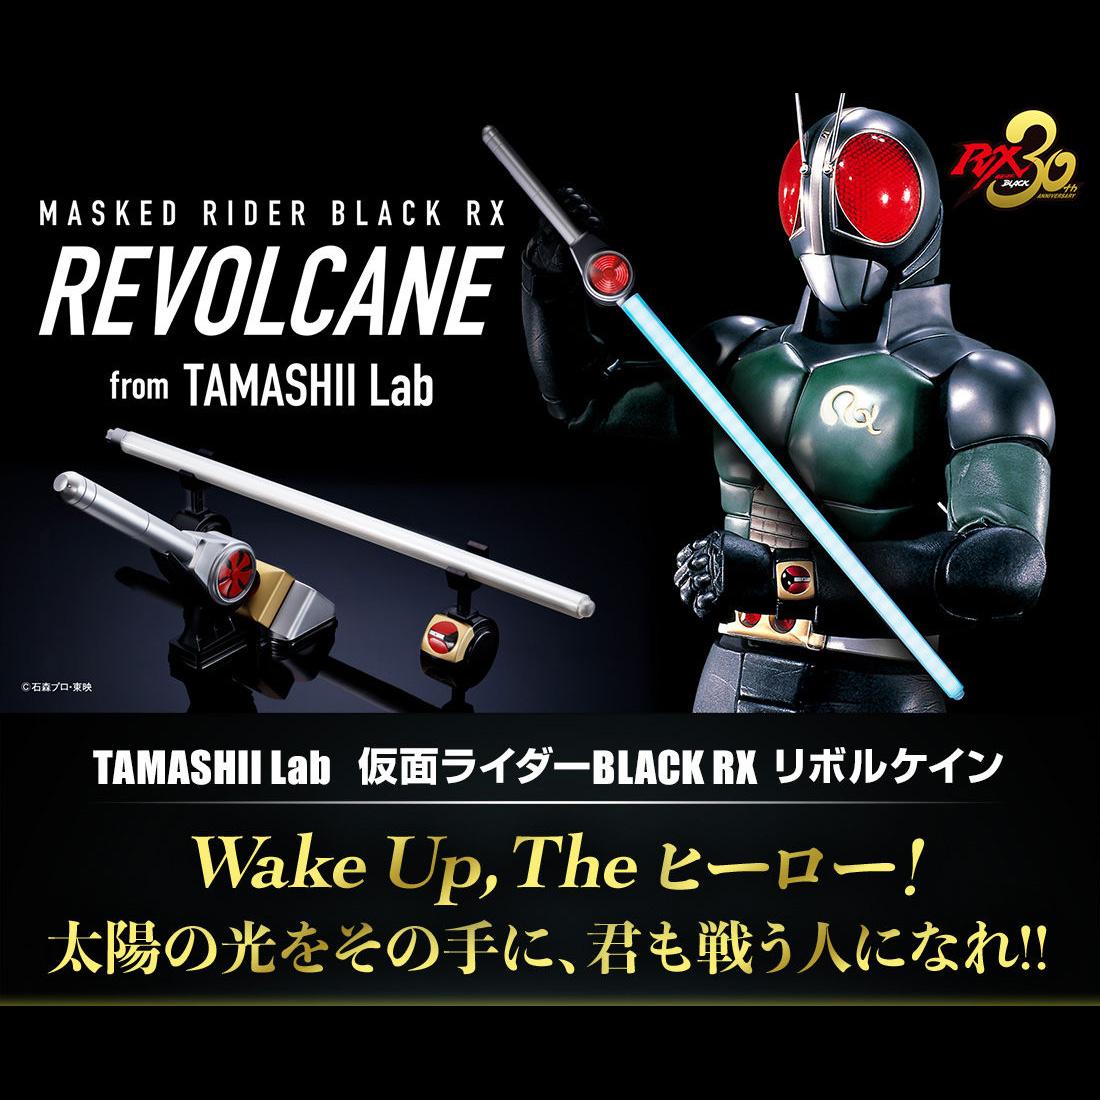 TAMASHII Lab 仮面ライダーBLACK RX『リボルケイン』